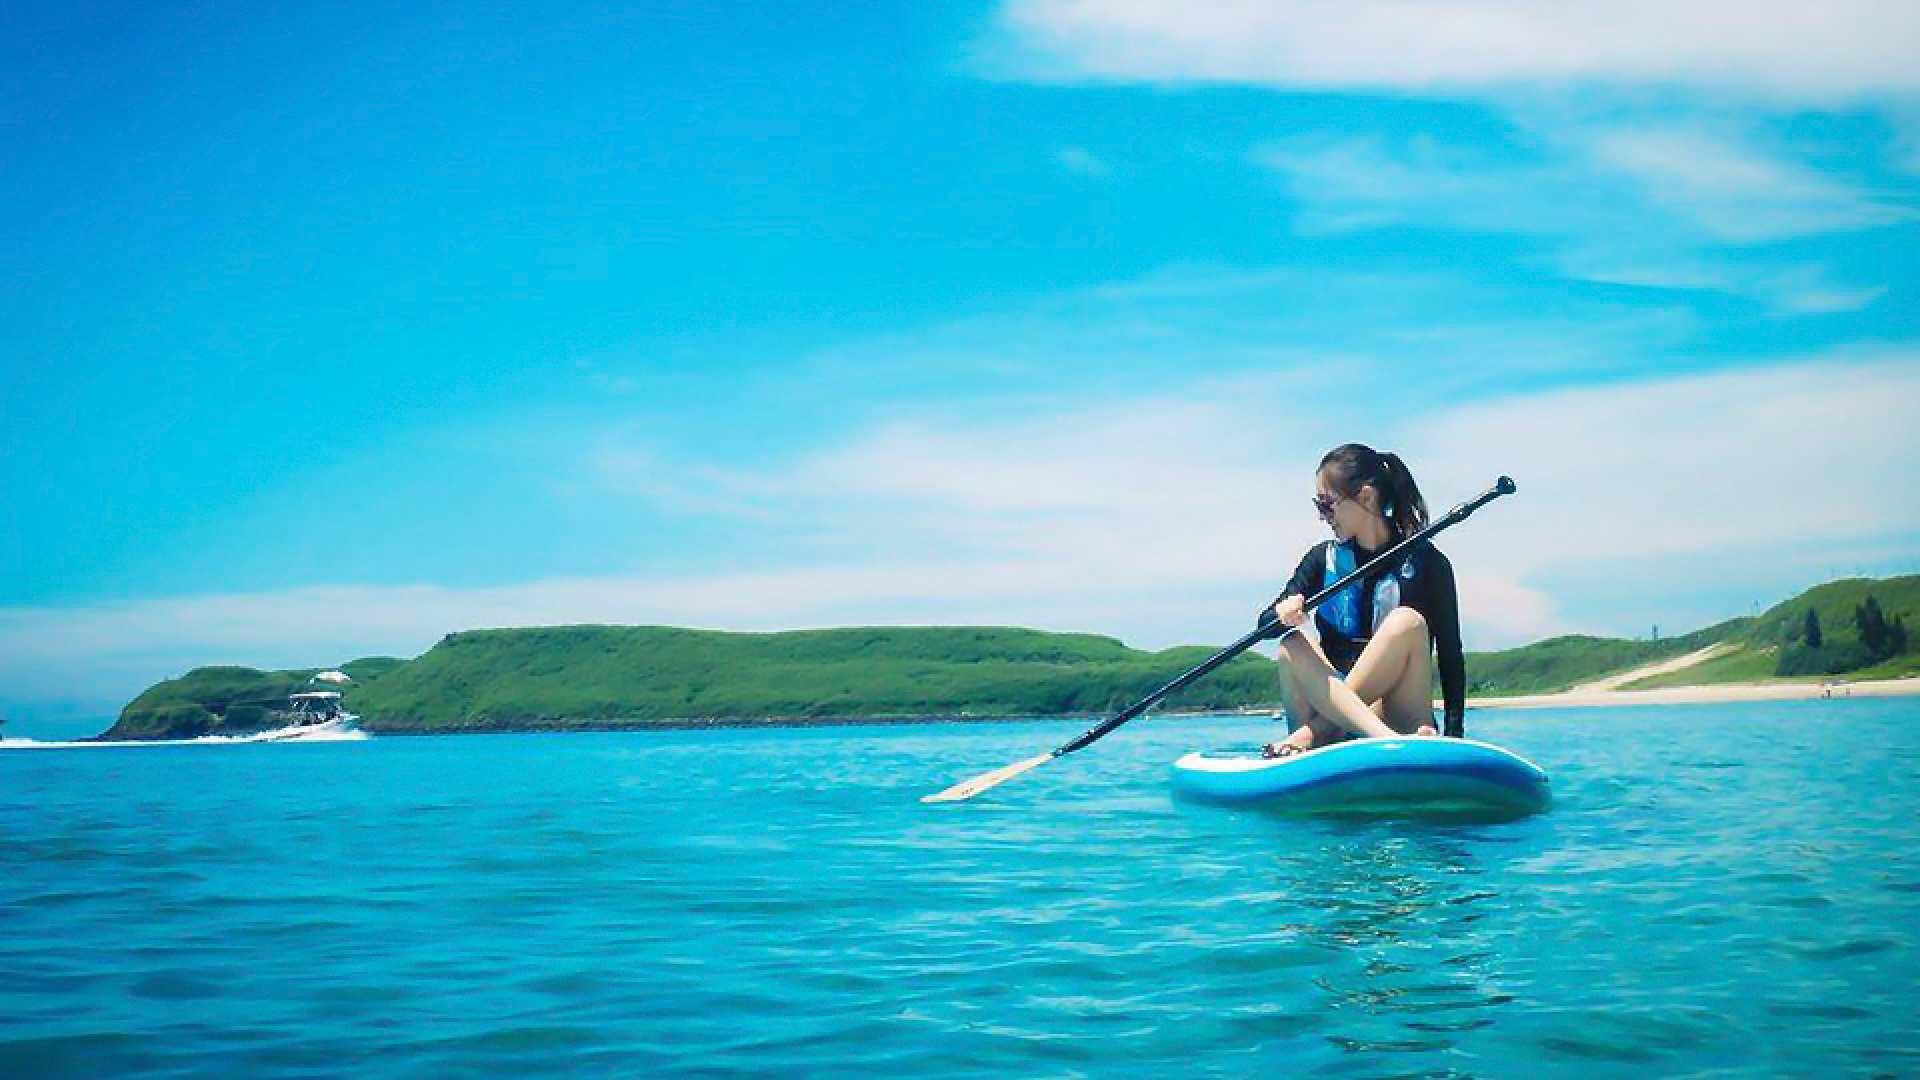 【日本語OK!】台湾・澎湖:SUP(スタンド・アップ・パドルボード)体験